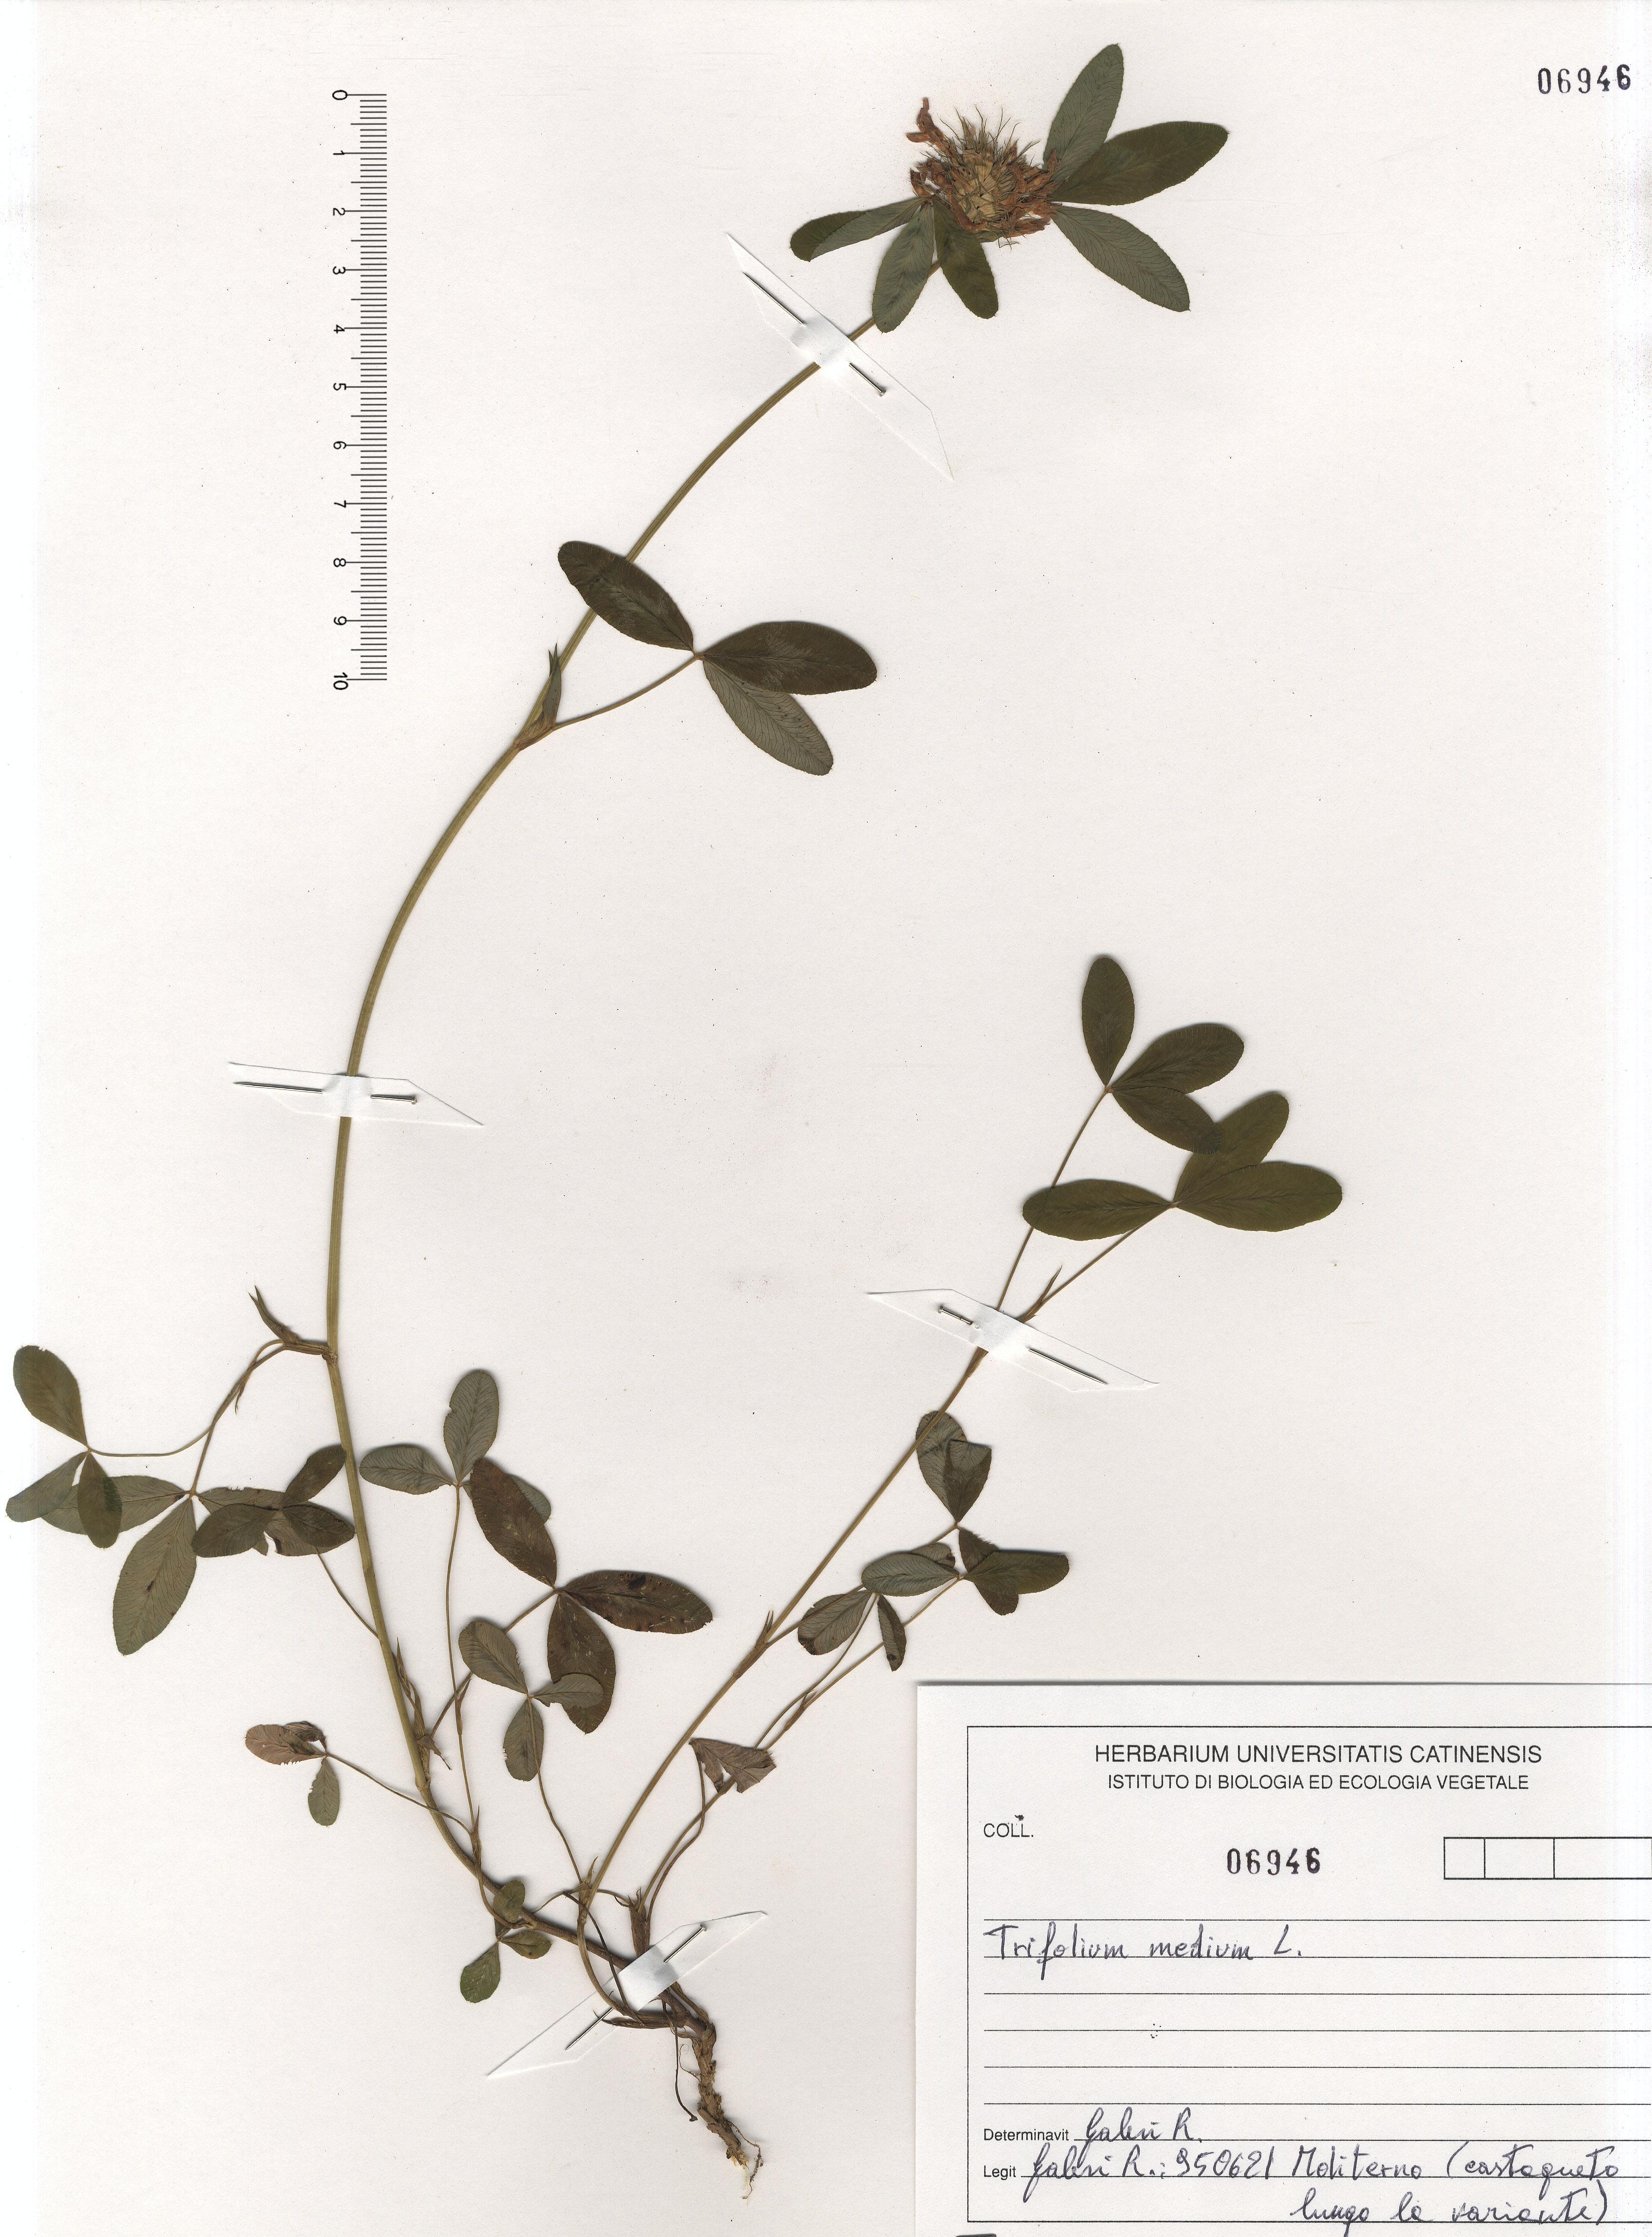 © Hortus Botanicus Catinensis - Herb. sheet 106946<br>